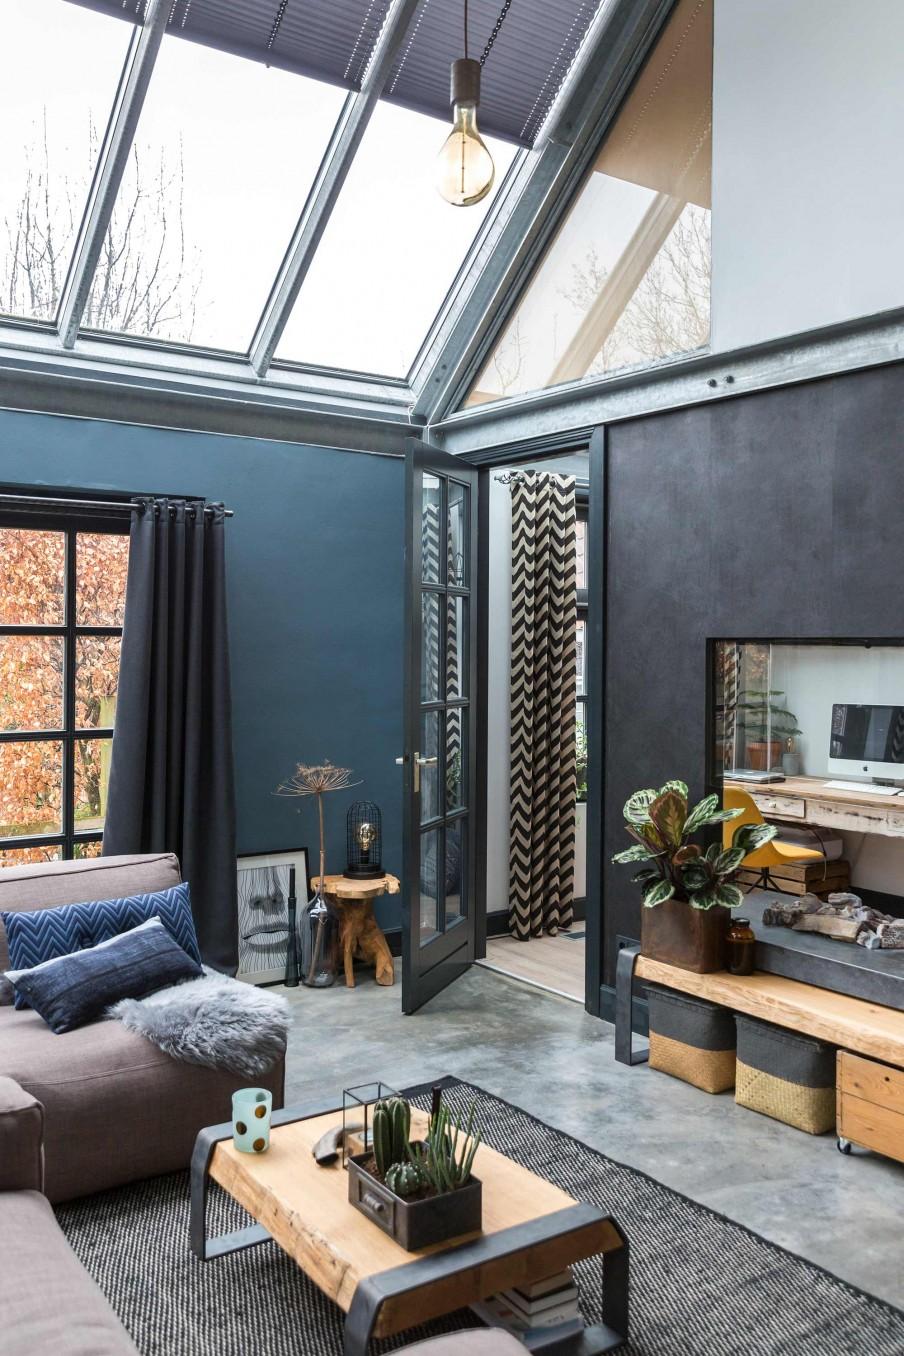 01-muebles-de-madera-decoración-en-tonos-oscuros